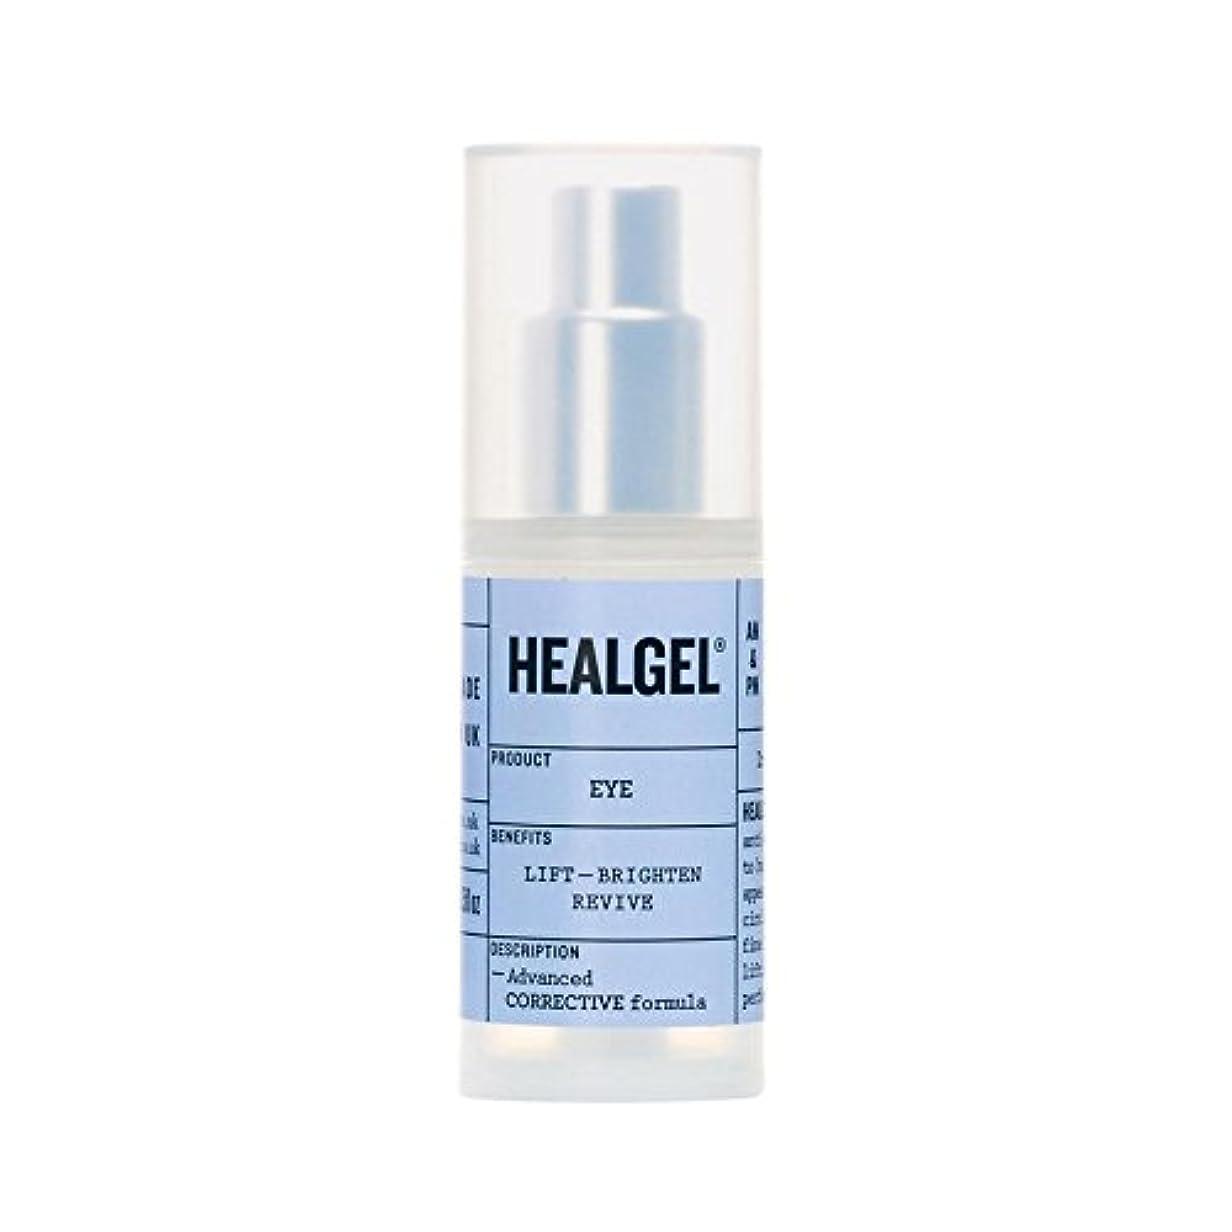 ゲル白眼式15ミリリットルを癒します x4 - Heal Gel Brightening Eye Formula 15ml (Pack of 4) [並行輸入品]